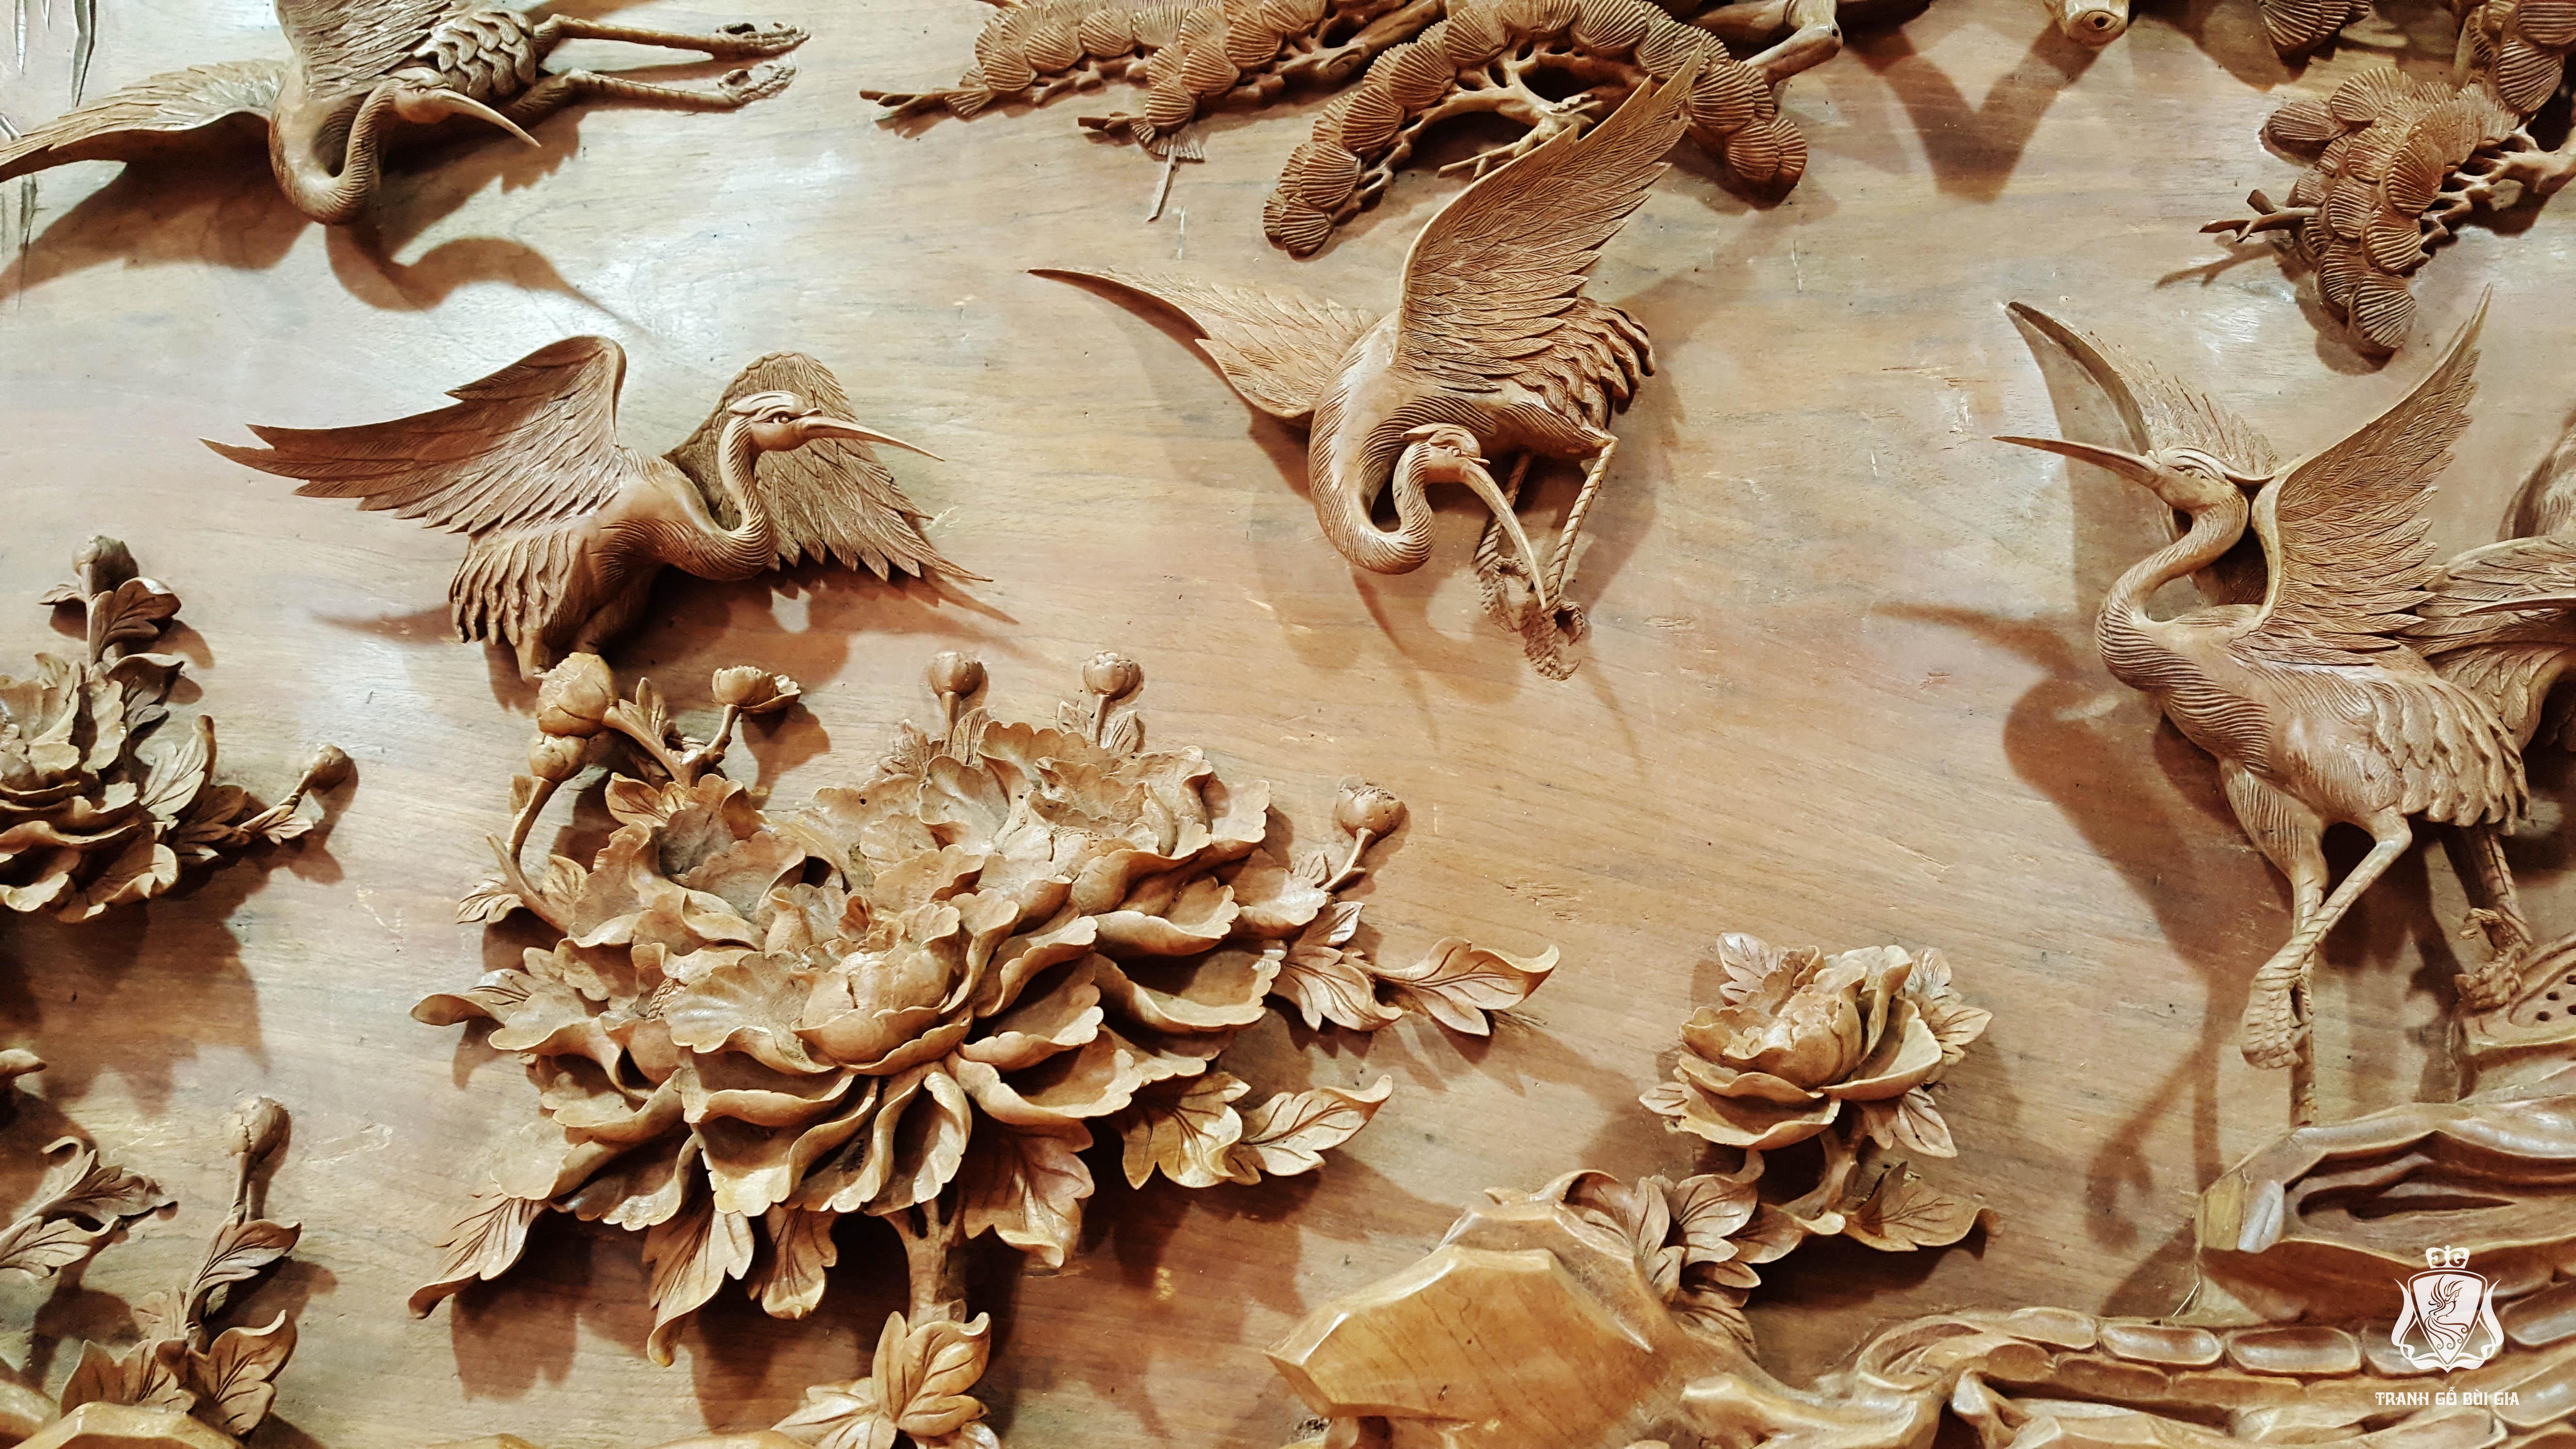 Tranh gỗ Tùng Hạc Diên Niên đục tay tuyệt đỉnh